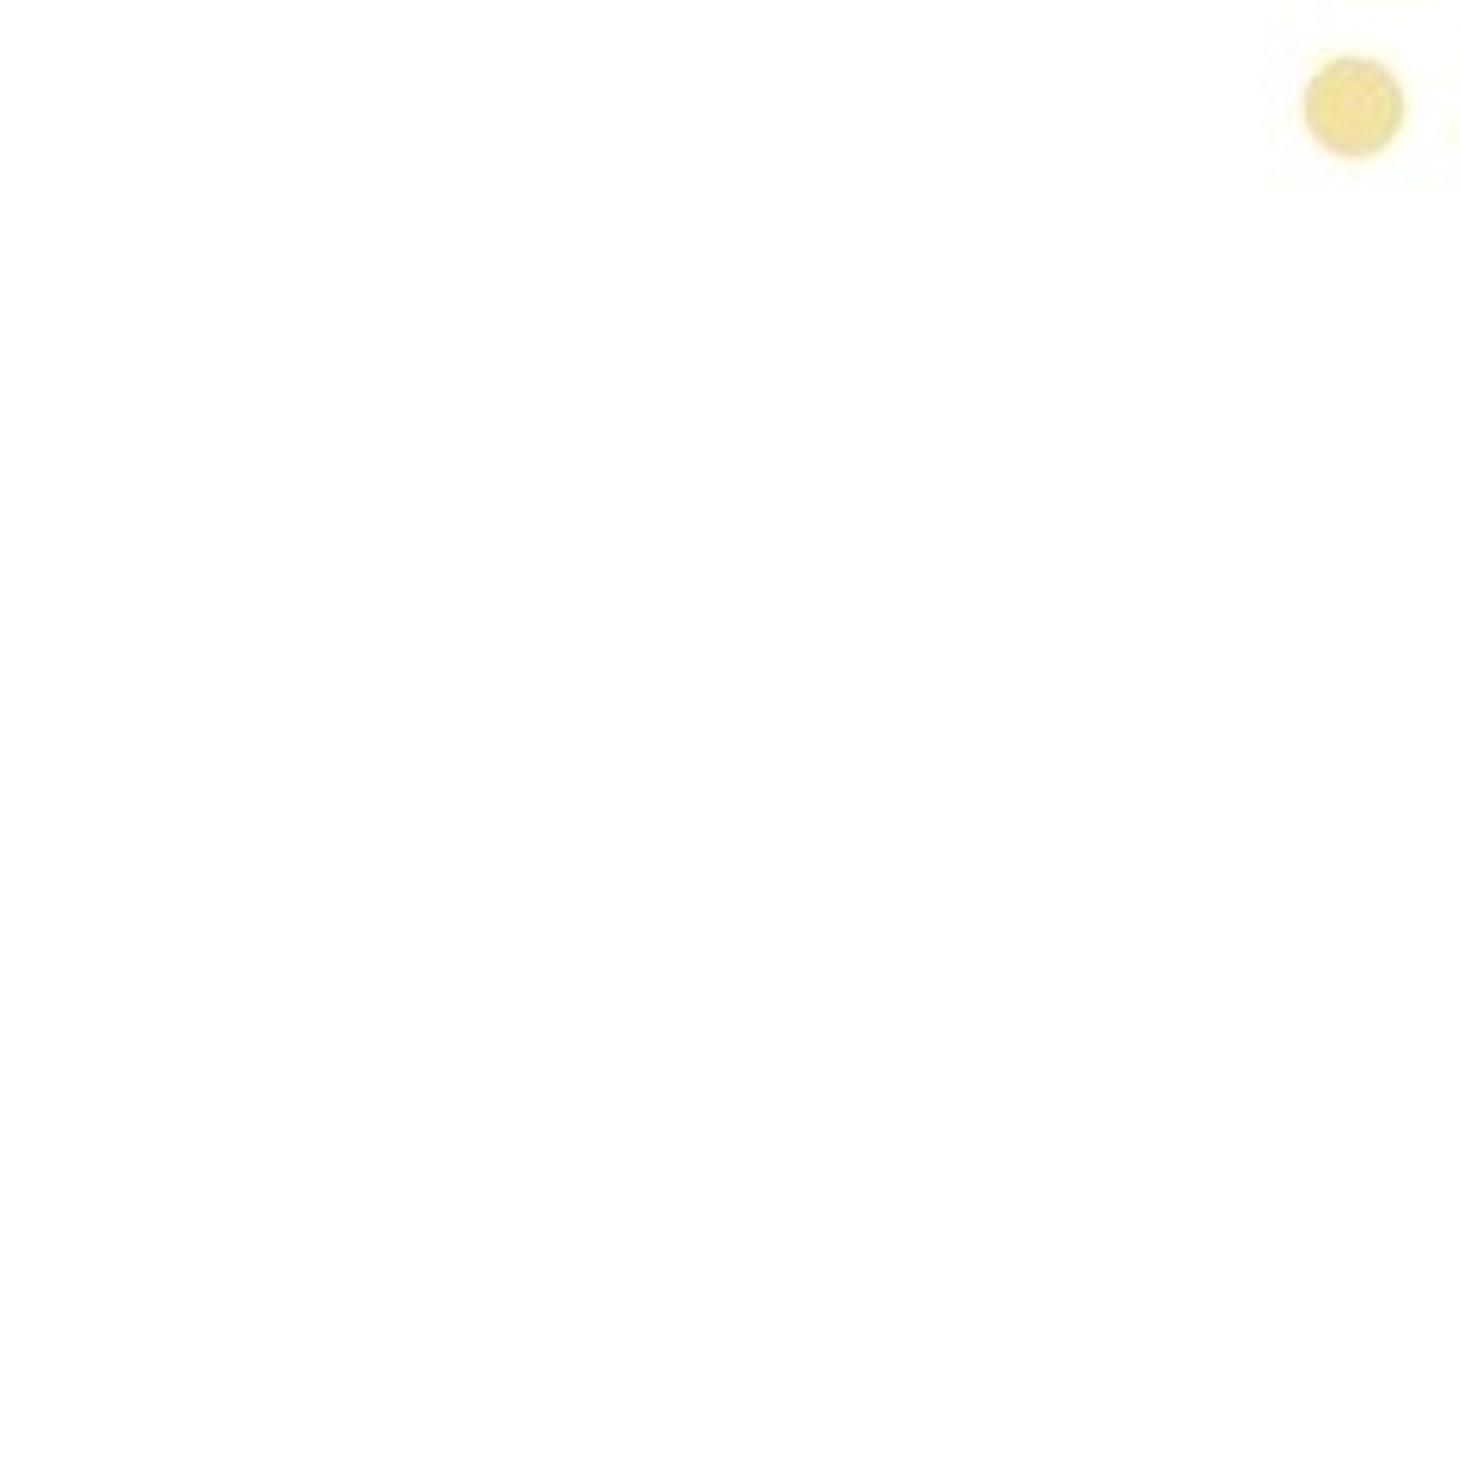 探す説教成長【カバーマーク】ジャスミーカラー パウダリーファンデーション #YN10 (レフィル)